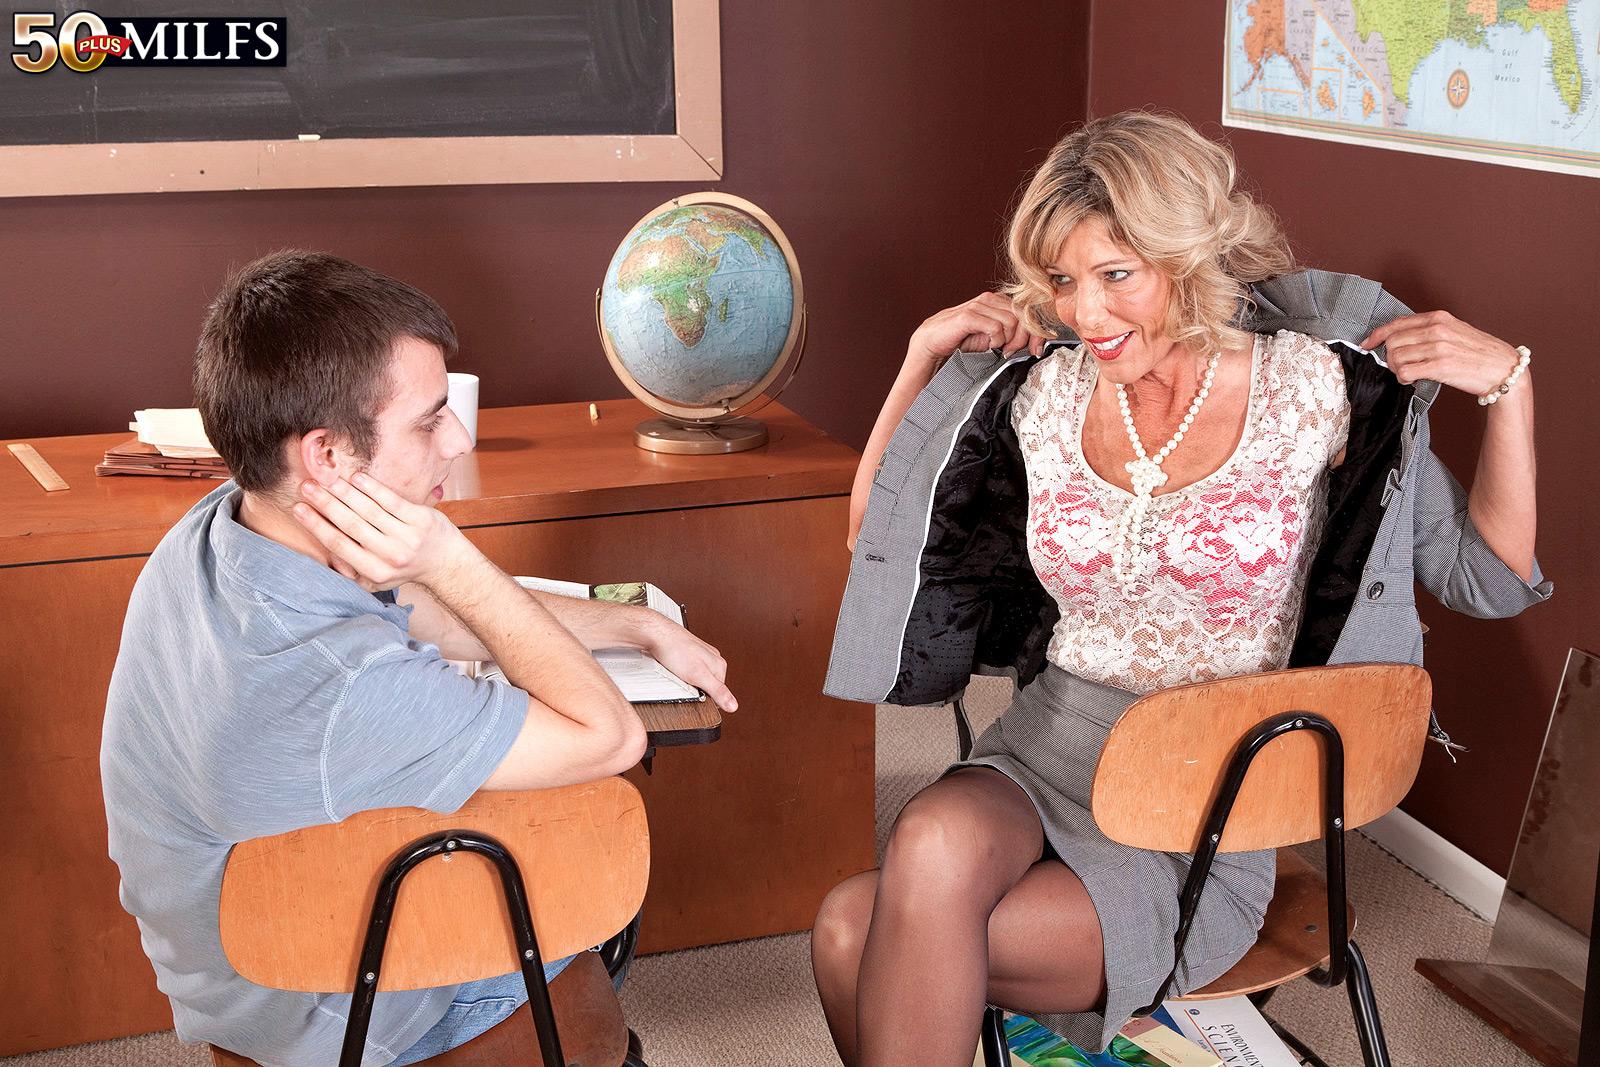 Учительница и ученик ебутся 25 фотография